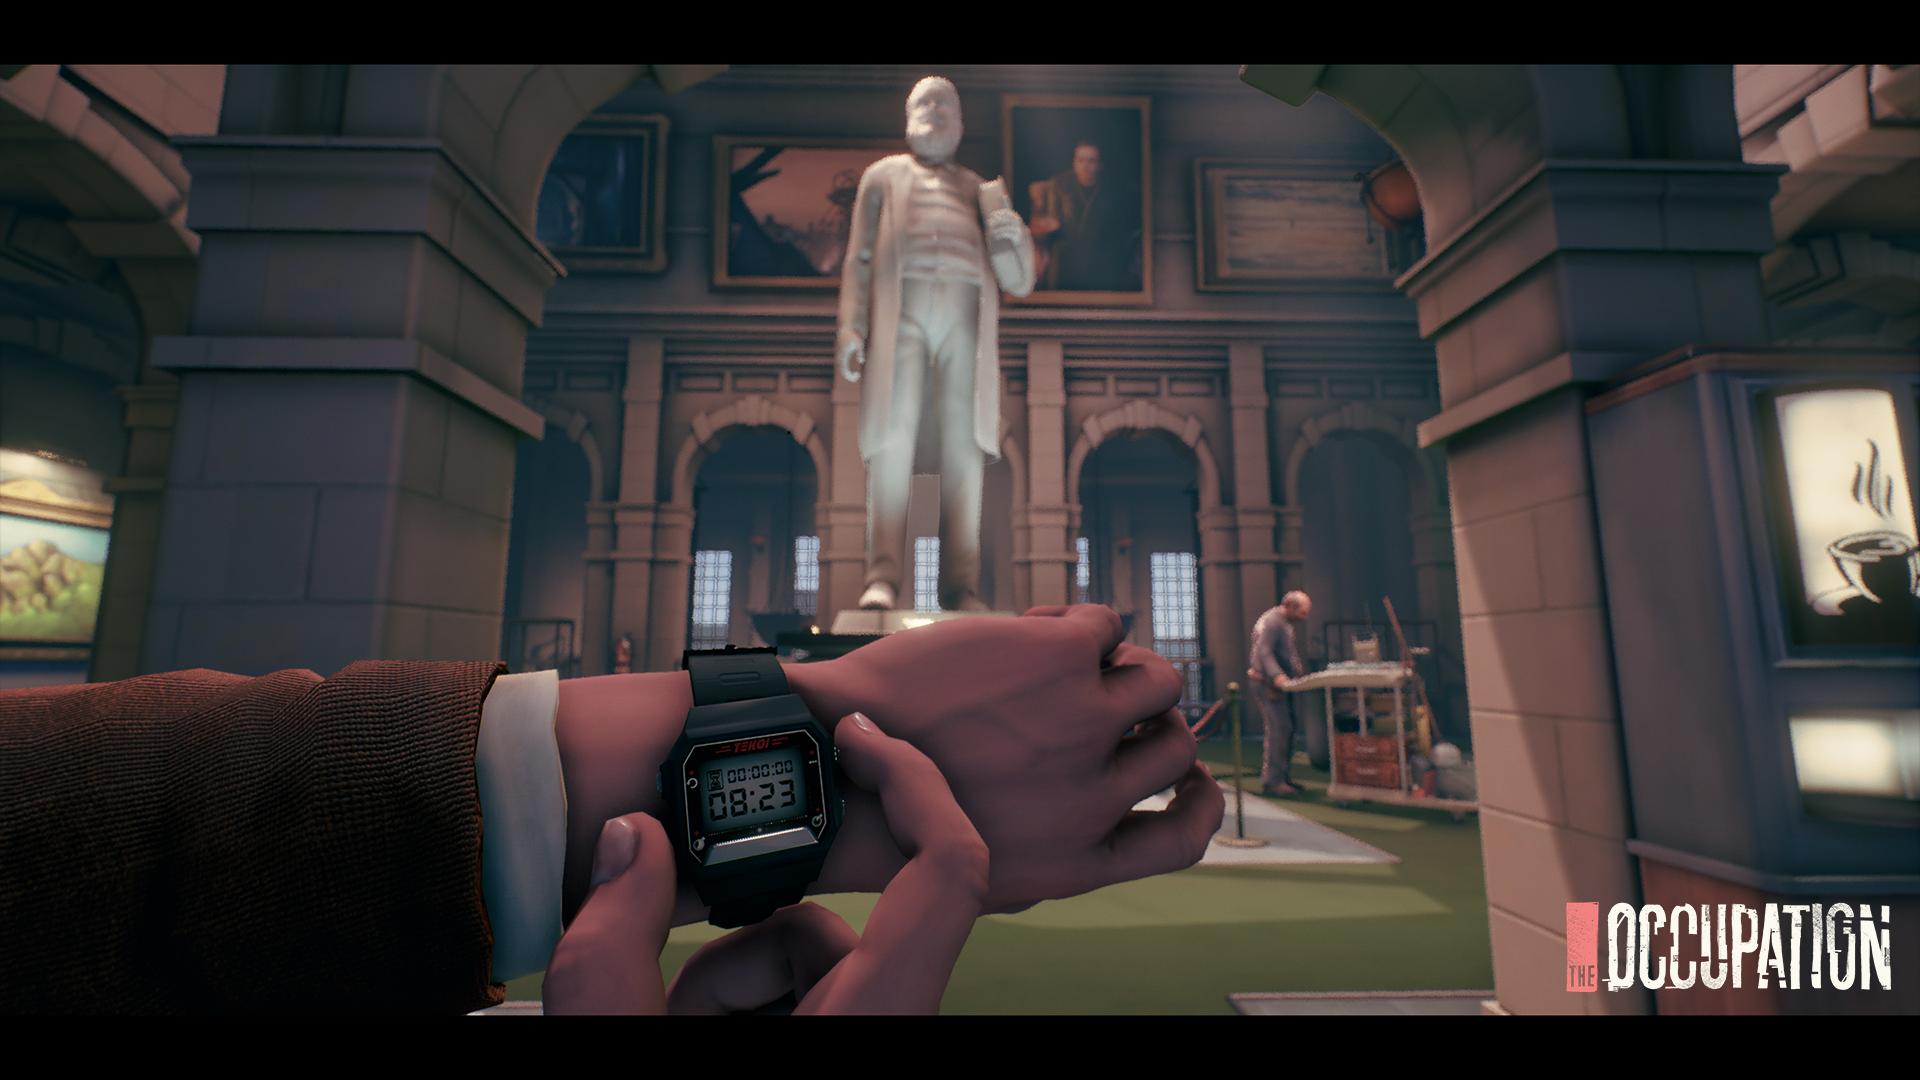 Скриншот The Occupation (2019) PC | RePack от xatab скачать торрент бесплатно